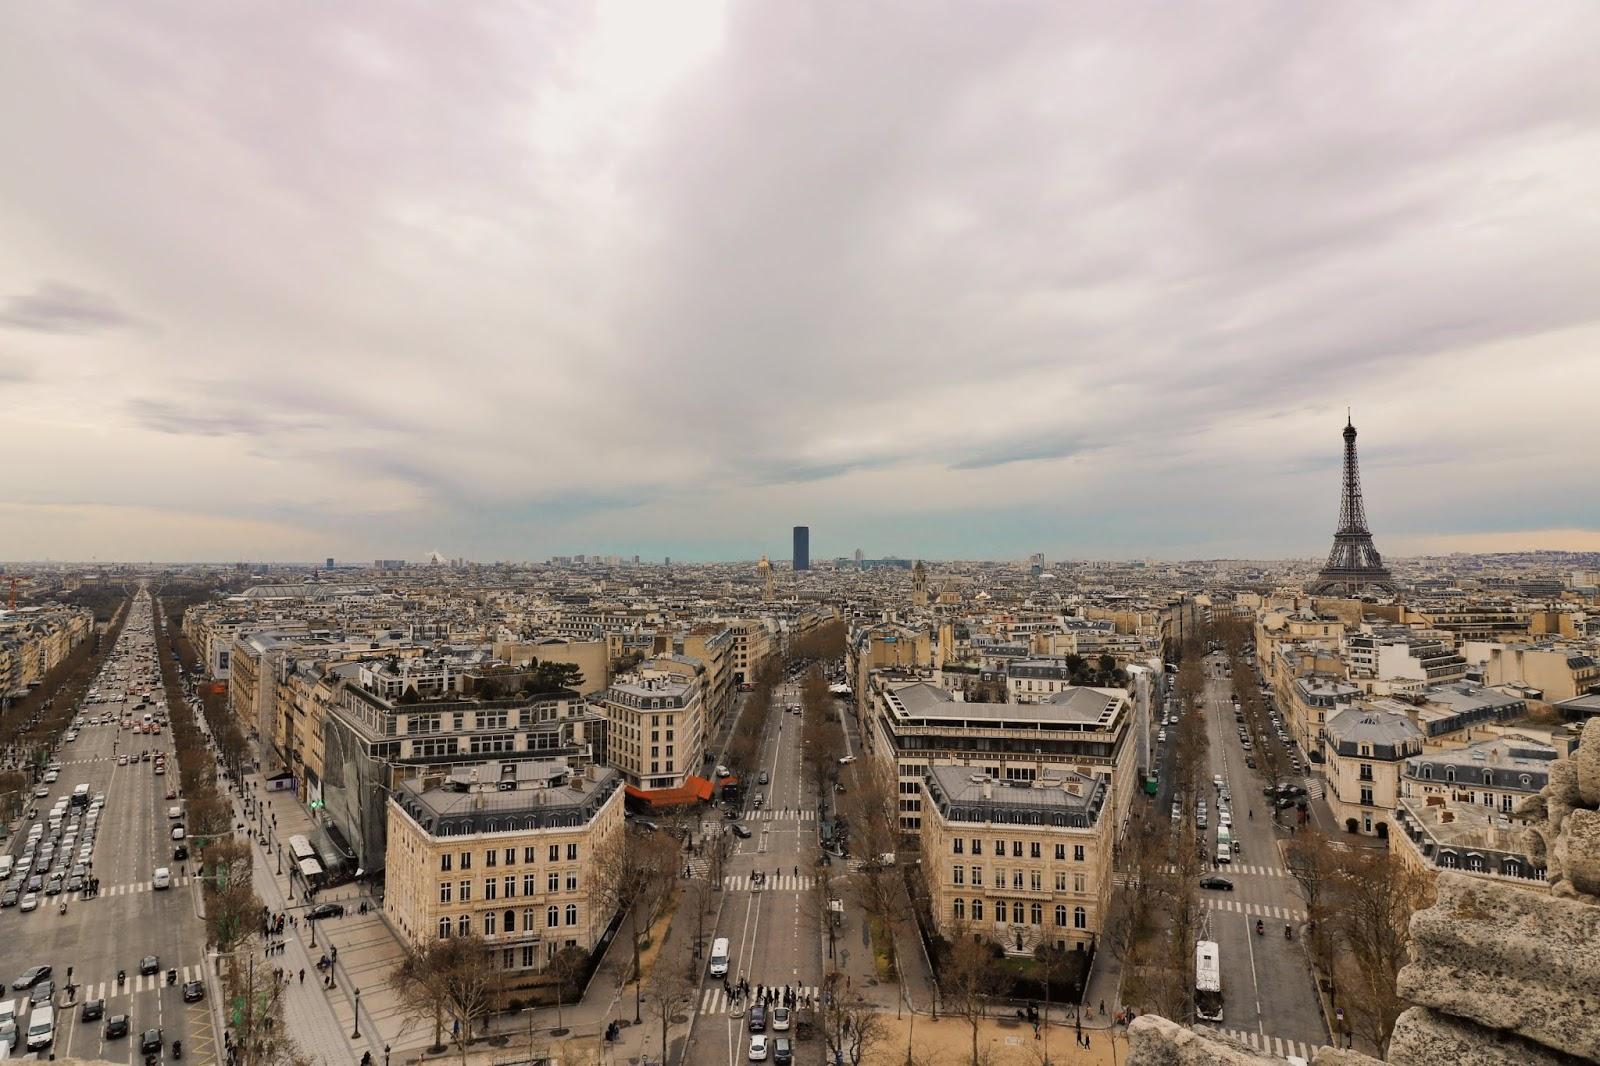 atrakcje paryża zwiedzanie